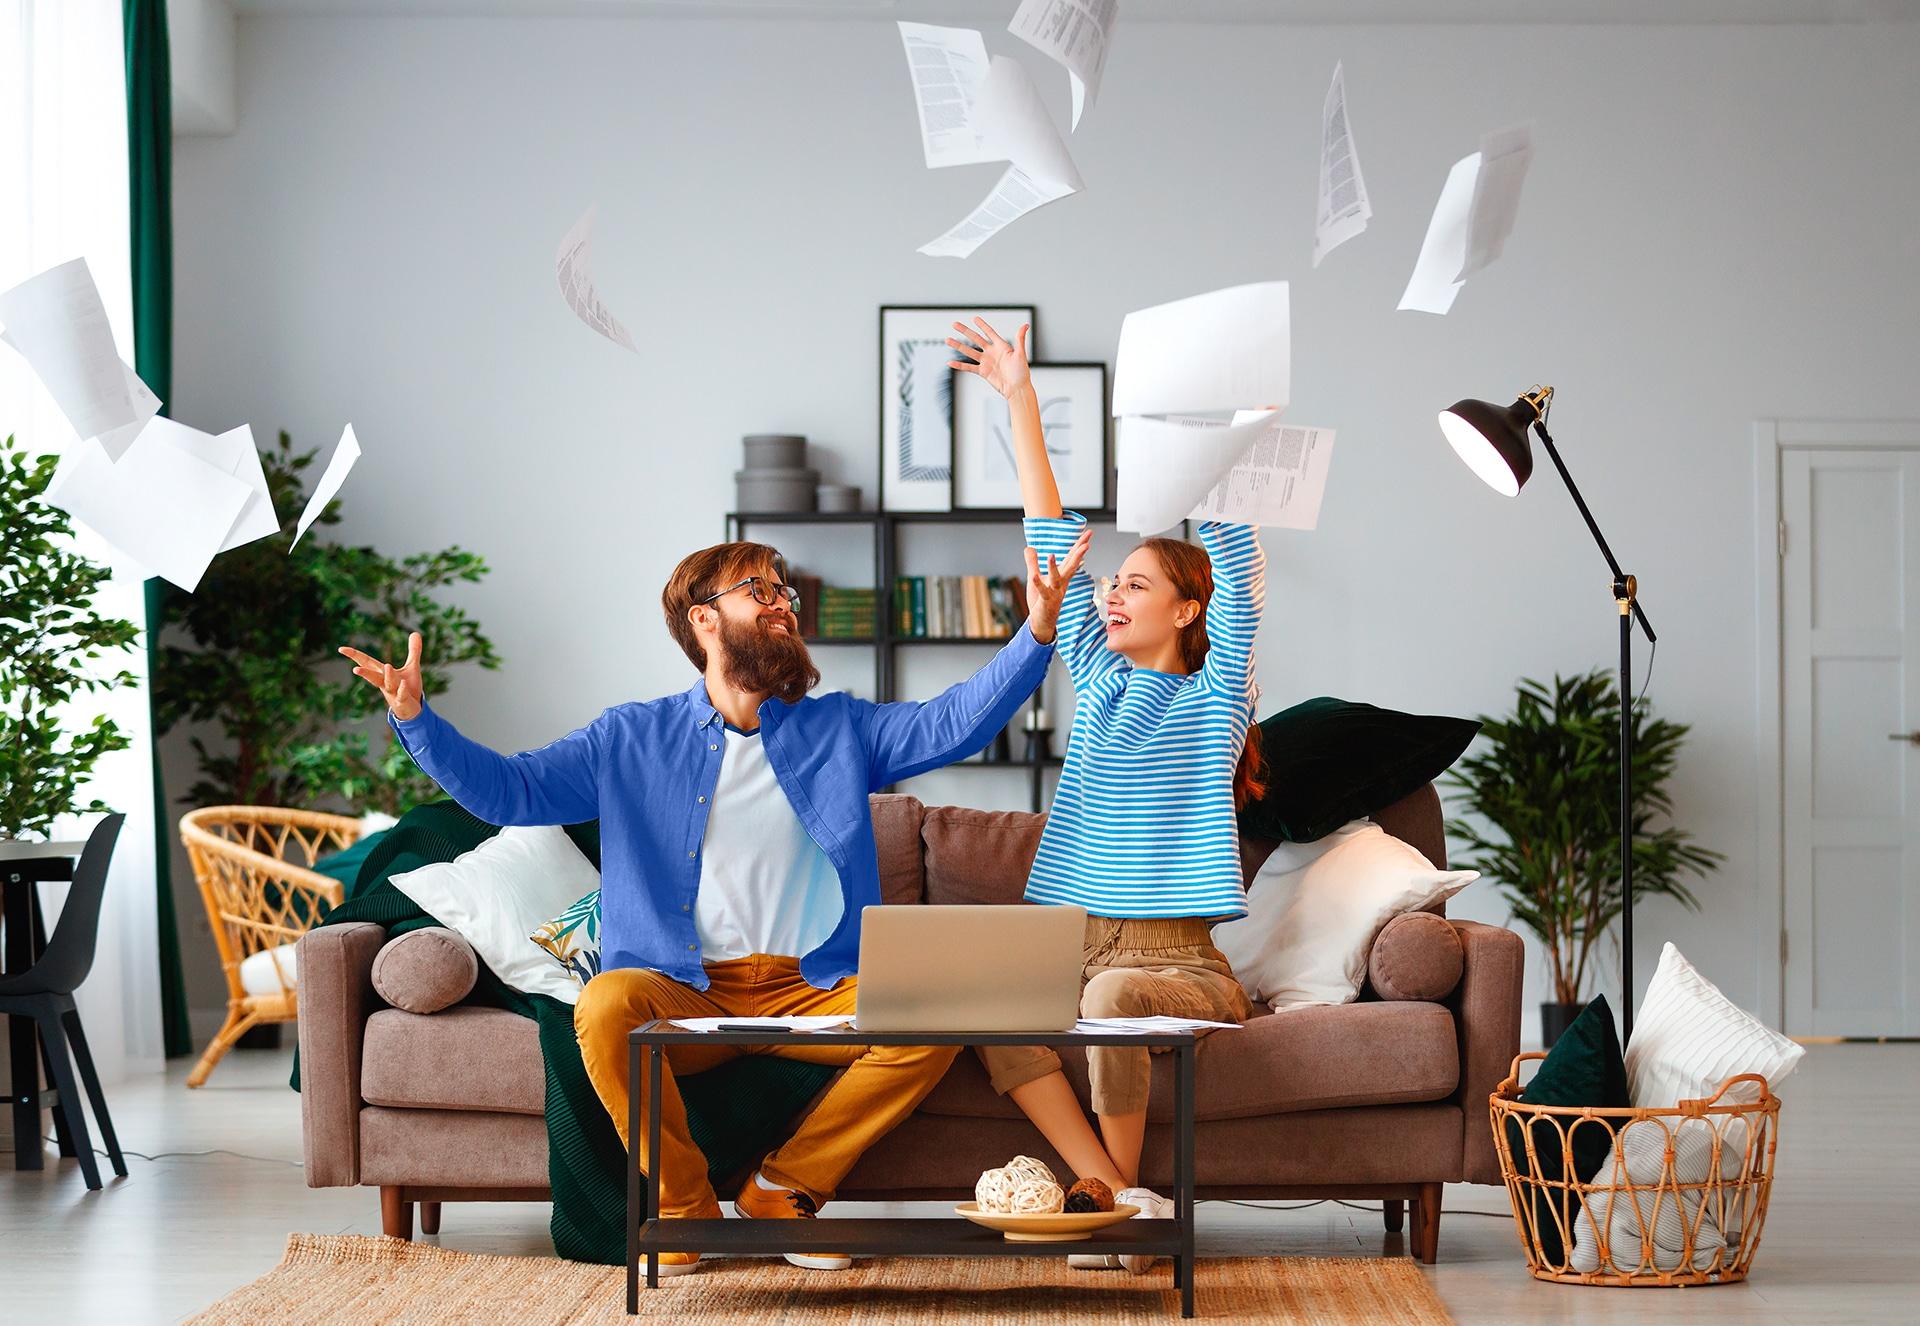 Toiminimi vai kevytyrittäjyys? Mies ja nainen heittävät paperityöt ilmaan